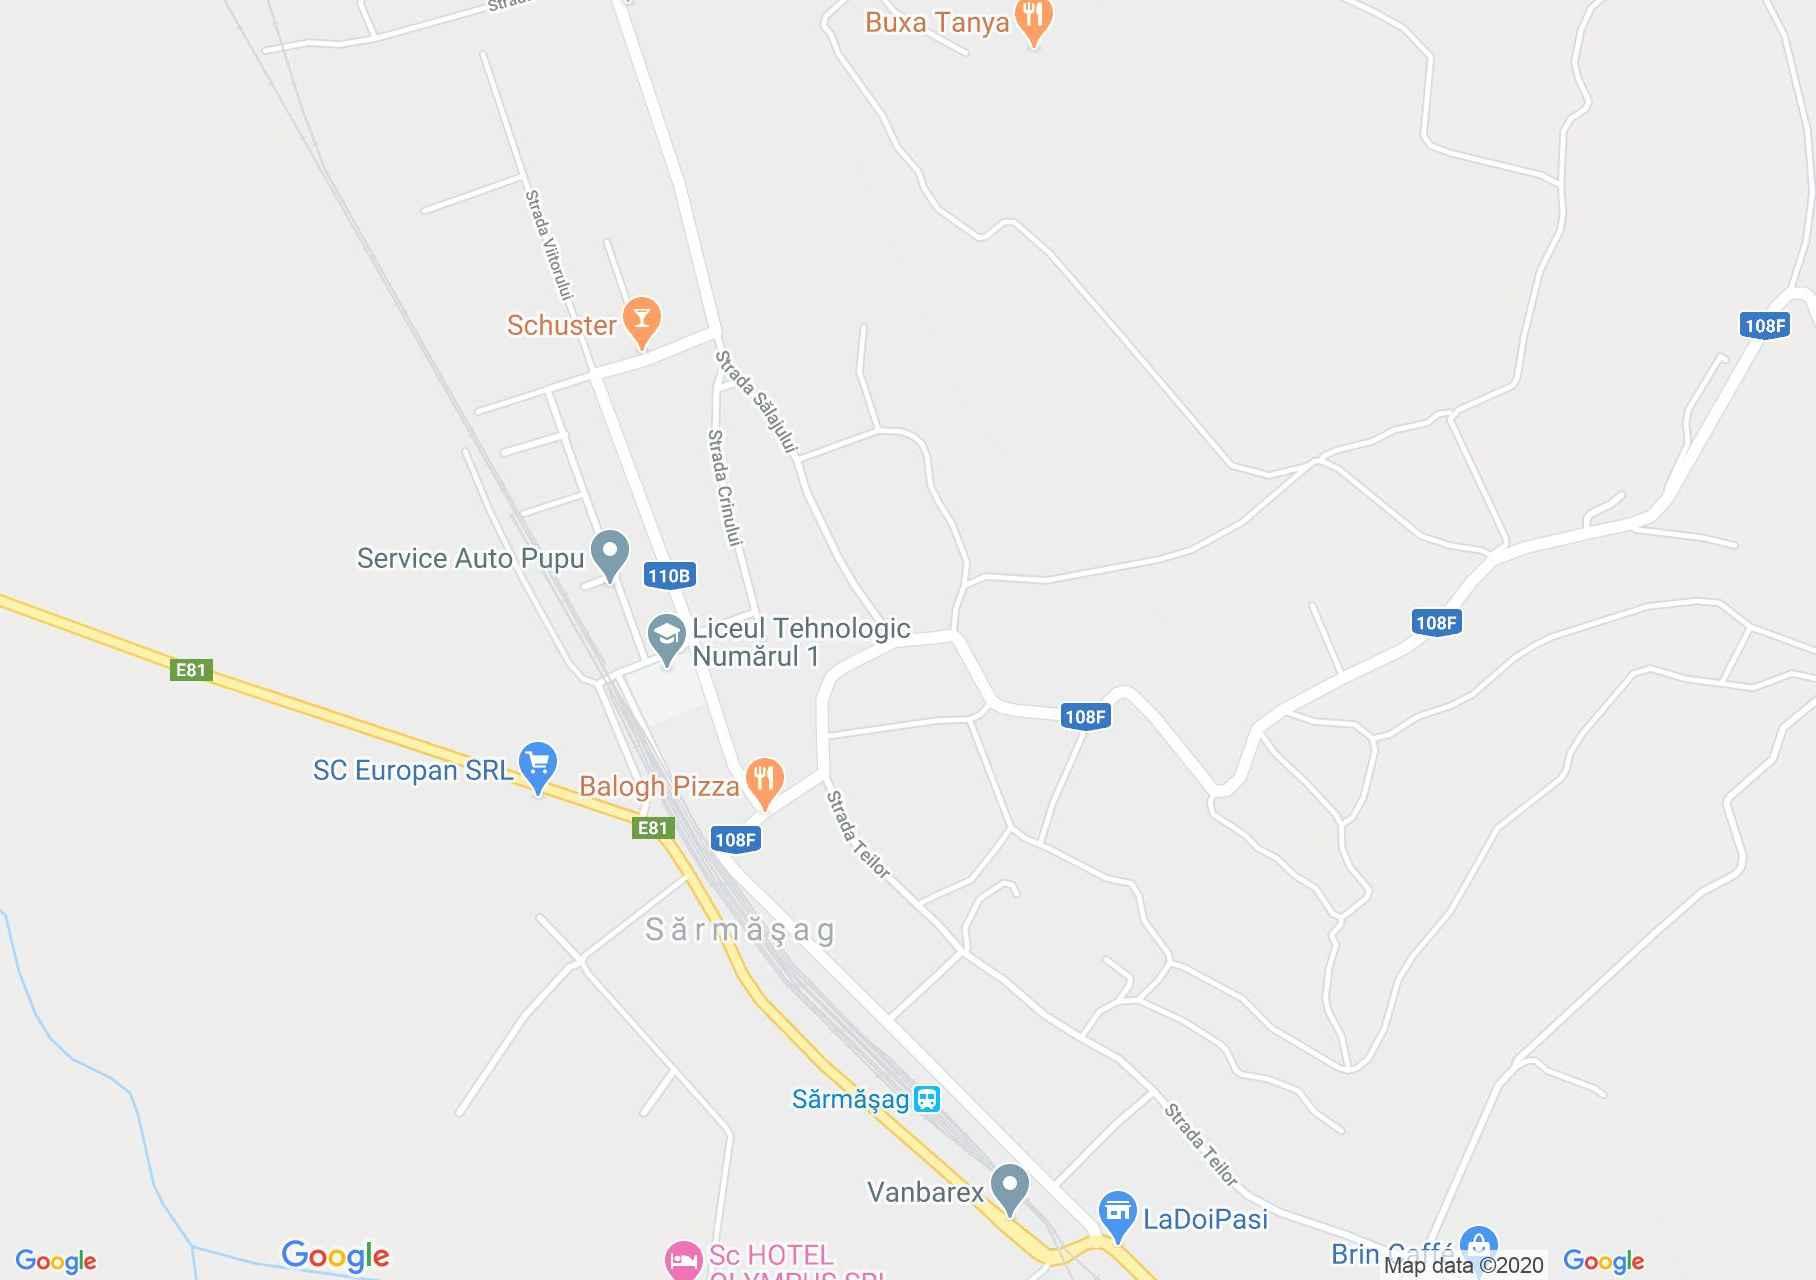 Şărmăşag, Interactive tourist map